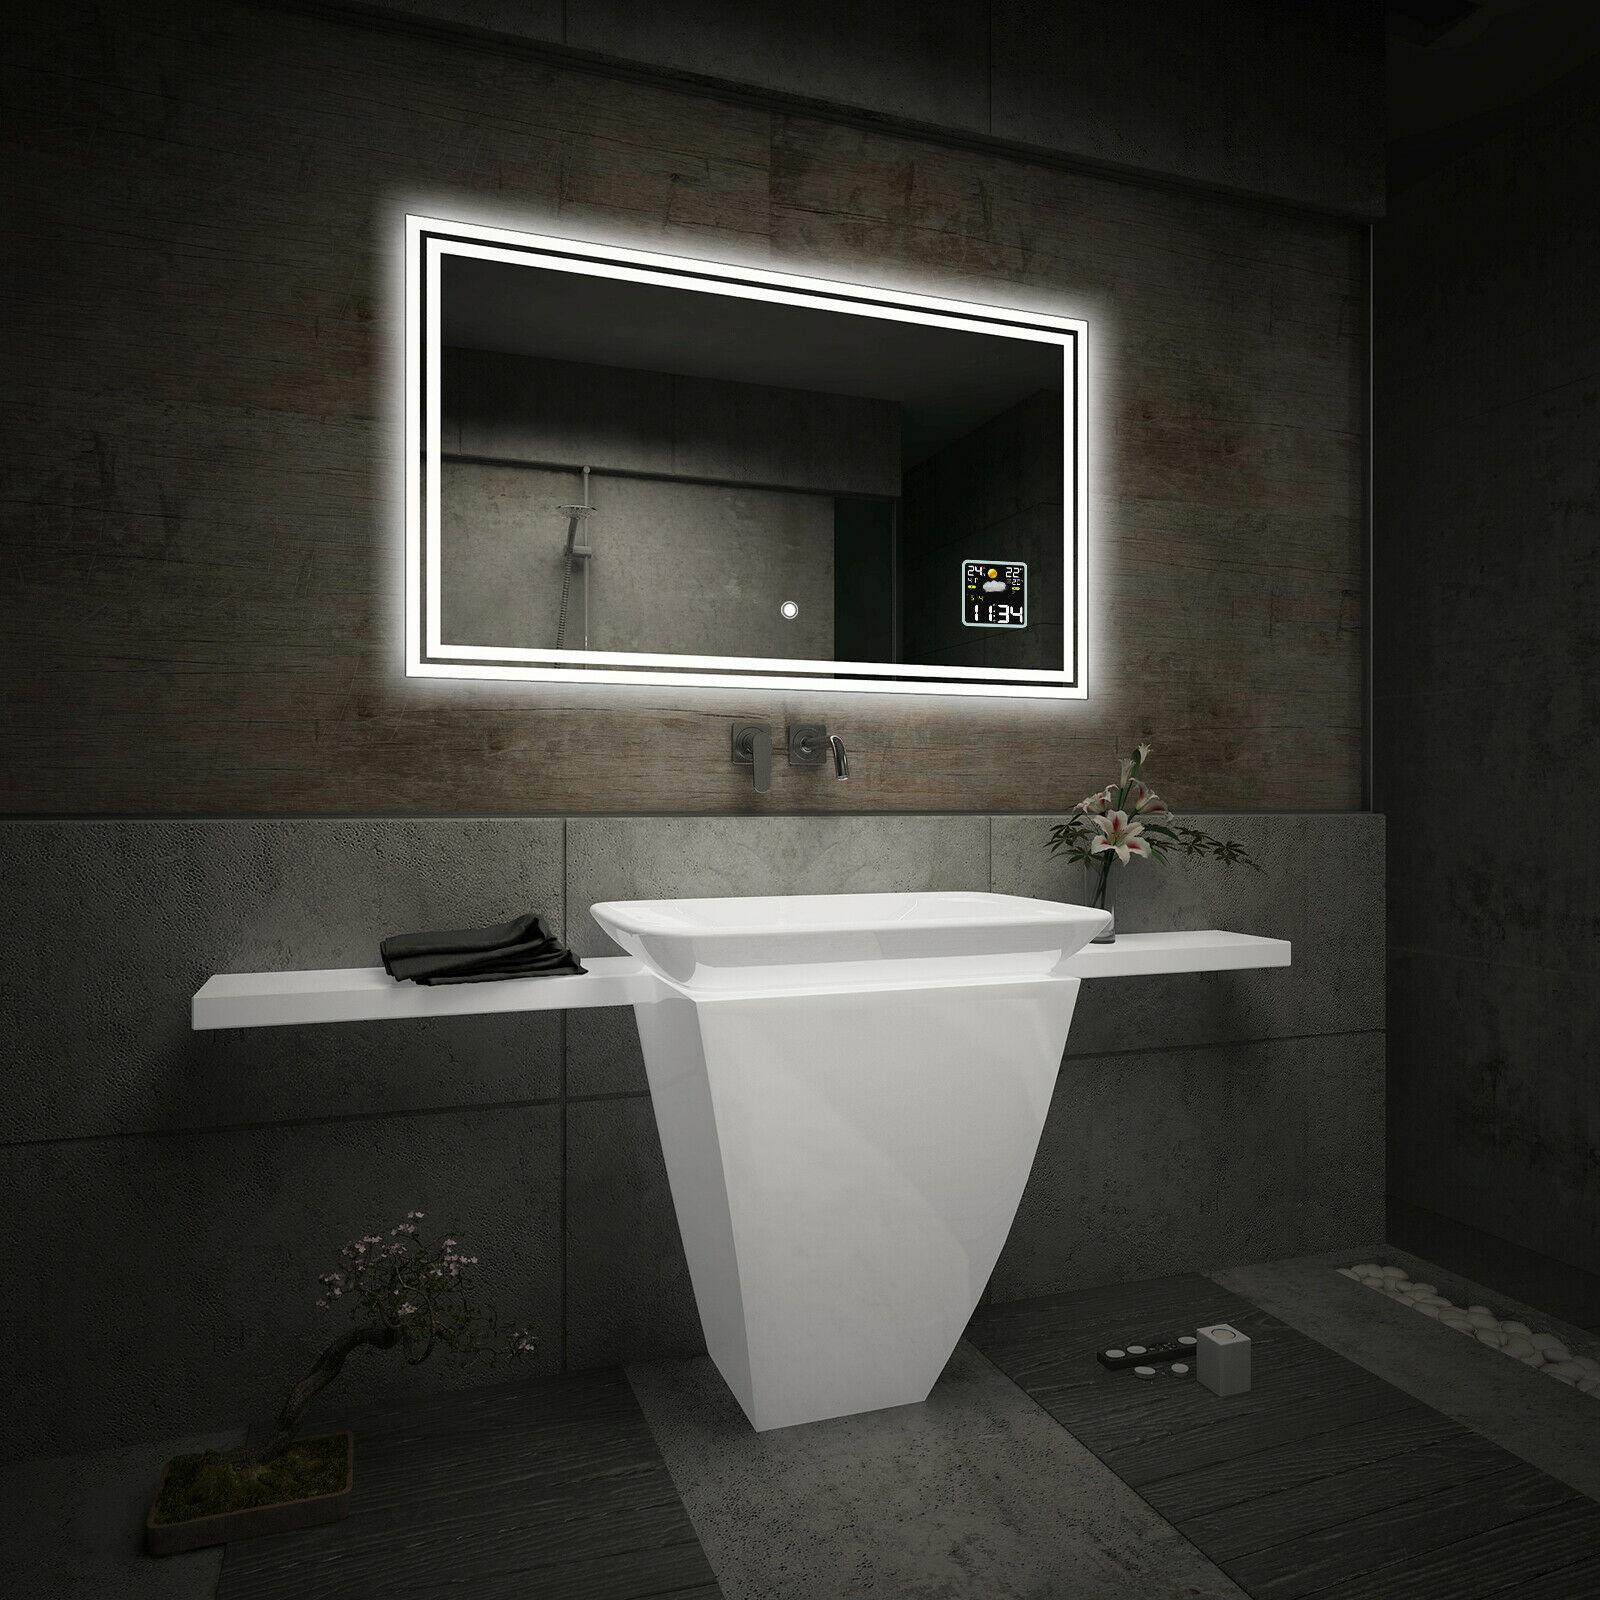 Specchio del bagno con illuminazione led interruttore stazione meteo s3 l57 ebay - Illuminazione bagno led ...